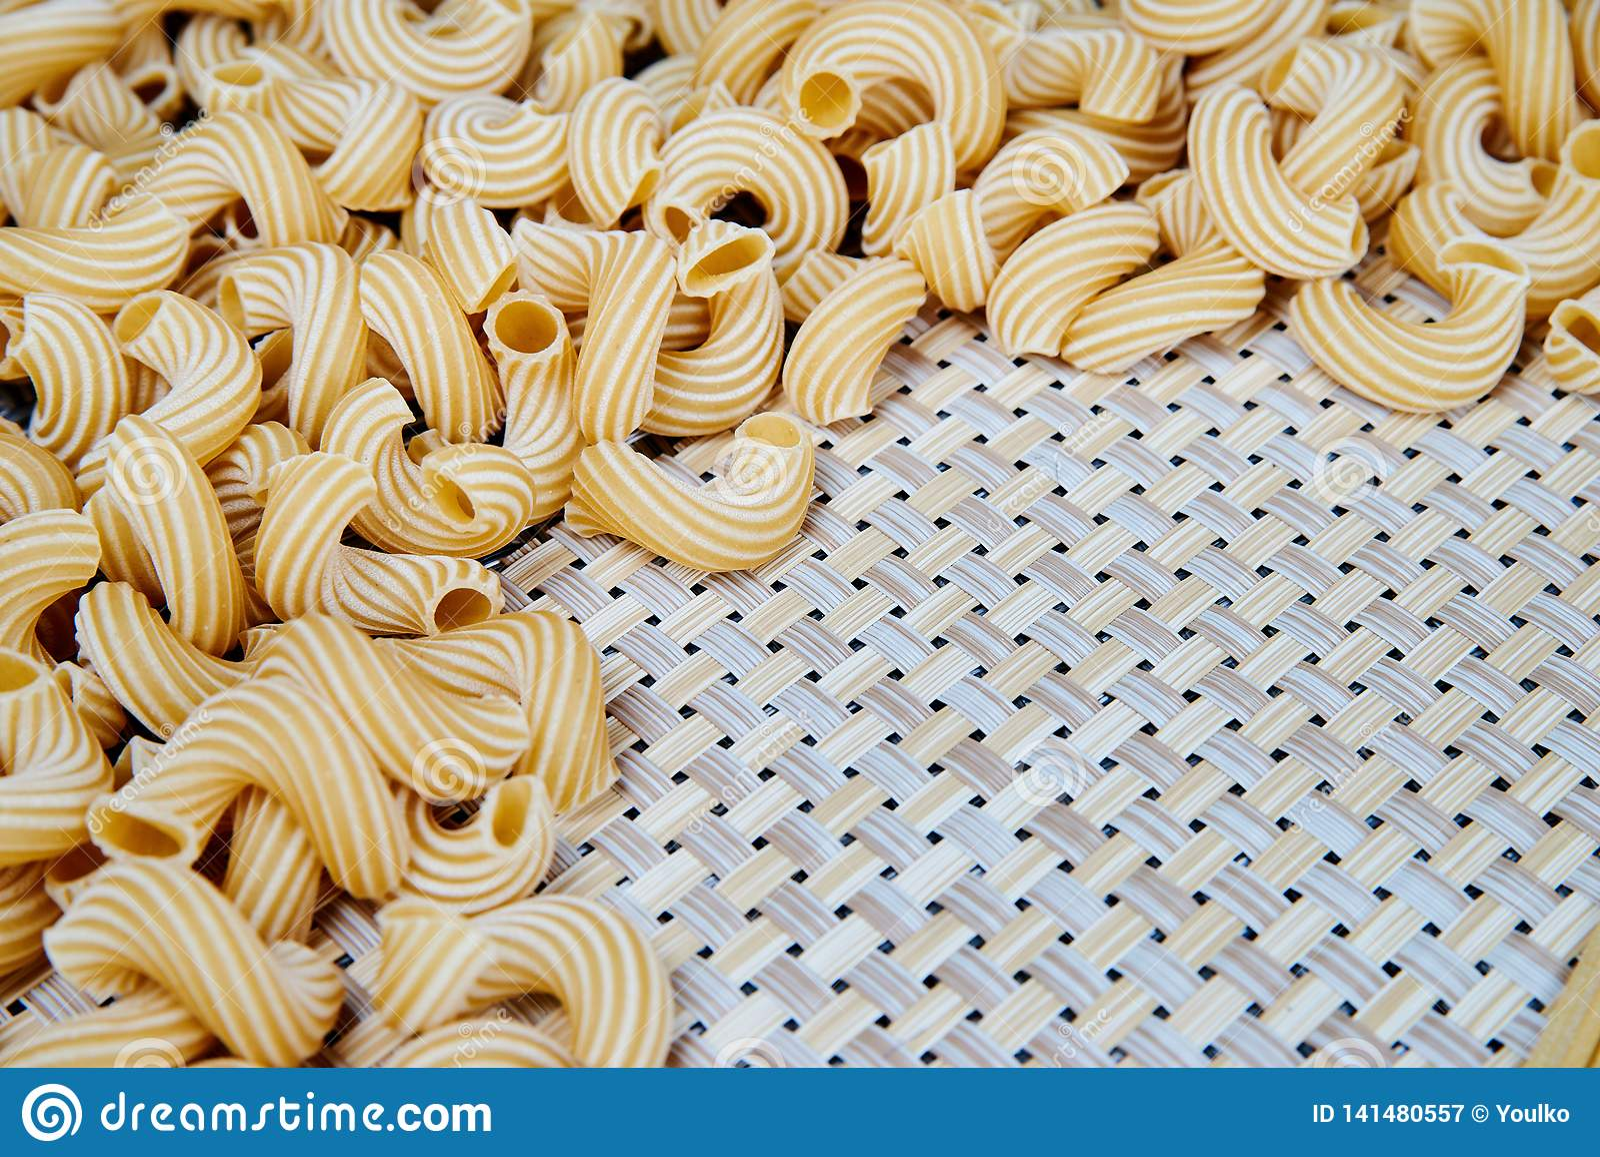 Ruw whole-grain deeg op een rieten doek op de lijst Hoogste mening